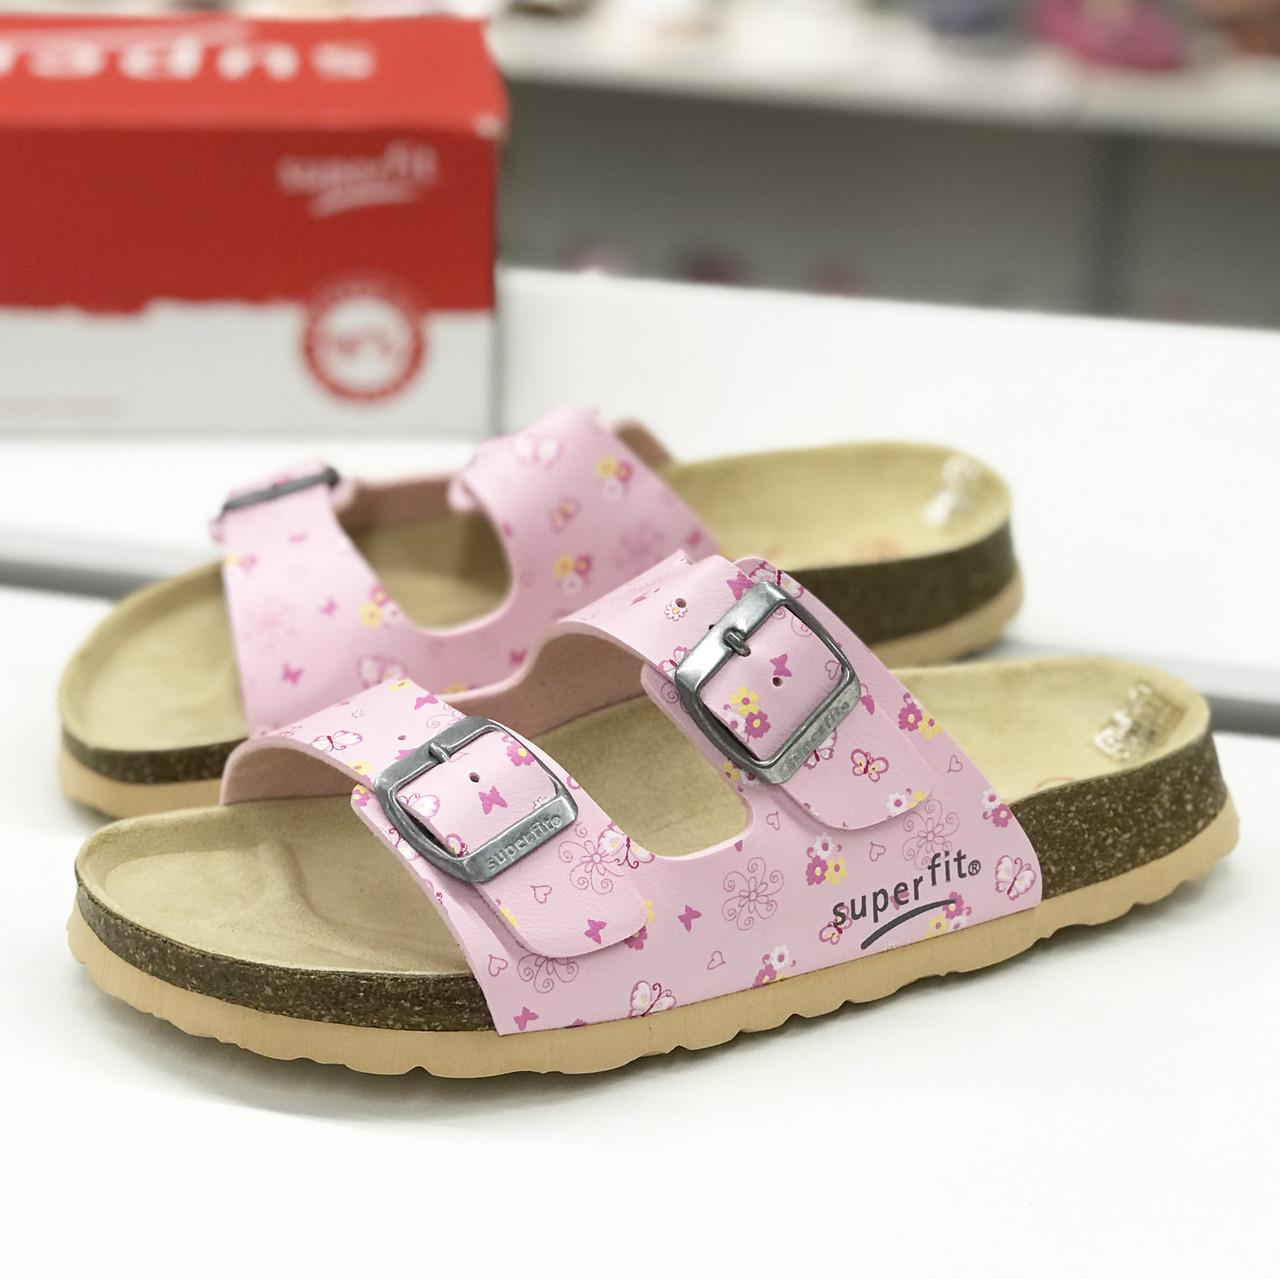 c55c06fdd Легкие босоножки на корковой подошке Superfit (Австрия) р 37, детская  летняя обувь -